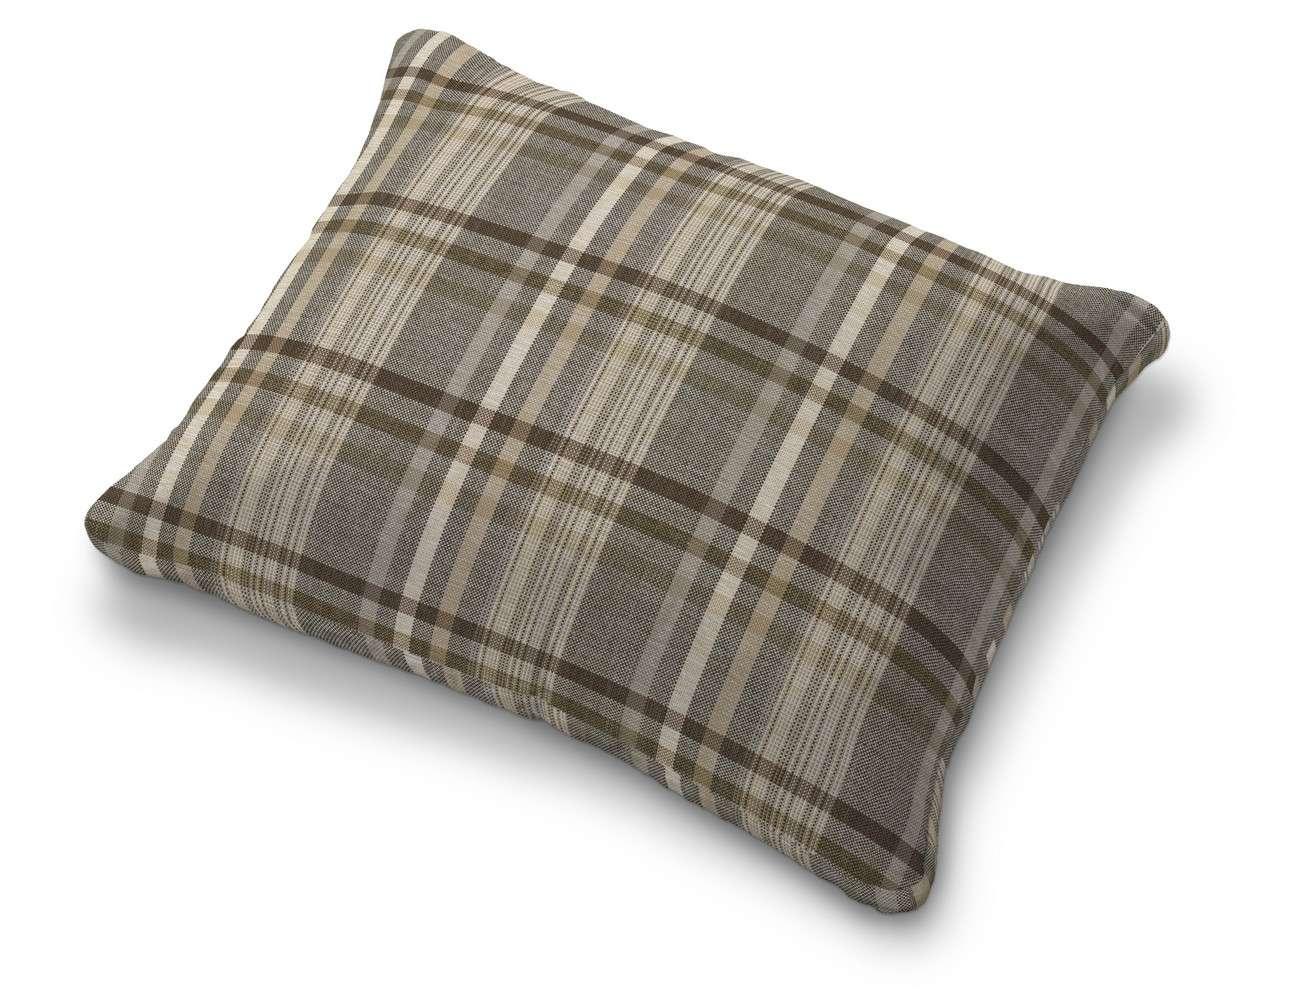 Poszewka na poduszkę Karlstad 58x48cm w kolekcji Edinburgh, tkanina: 703-17